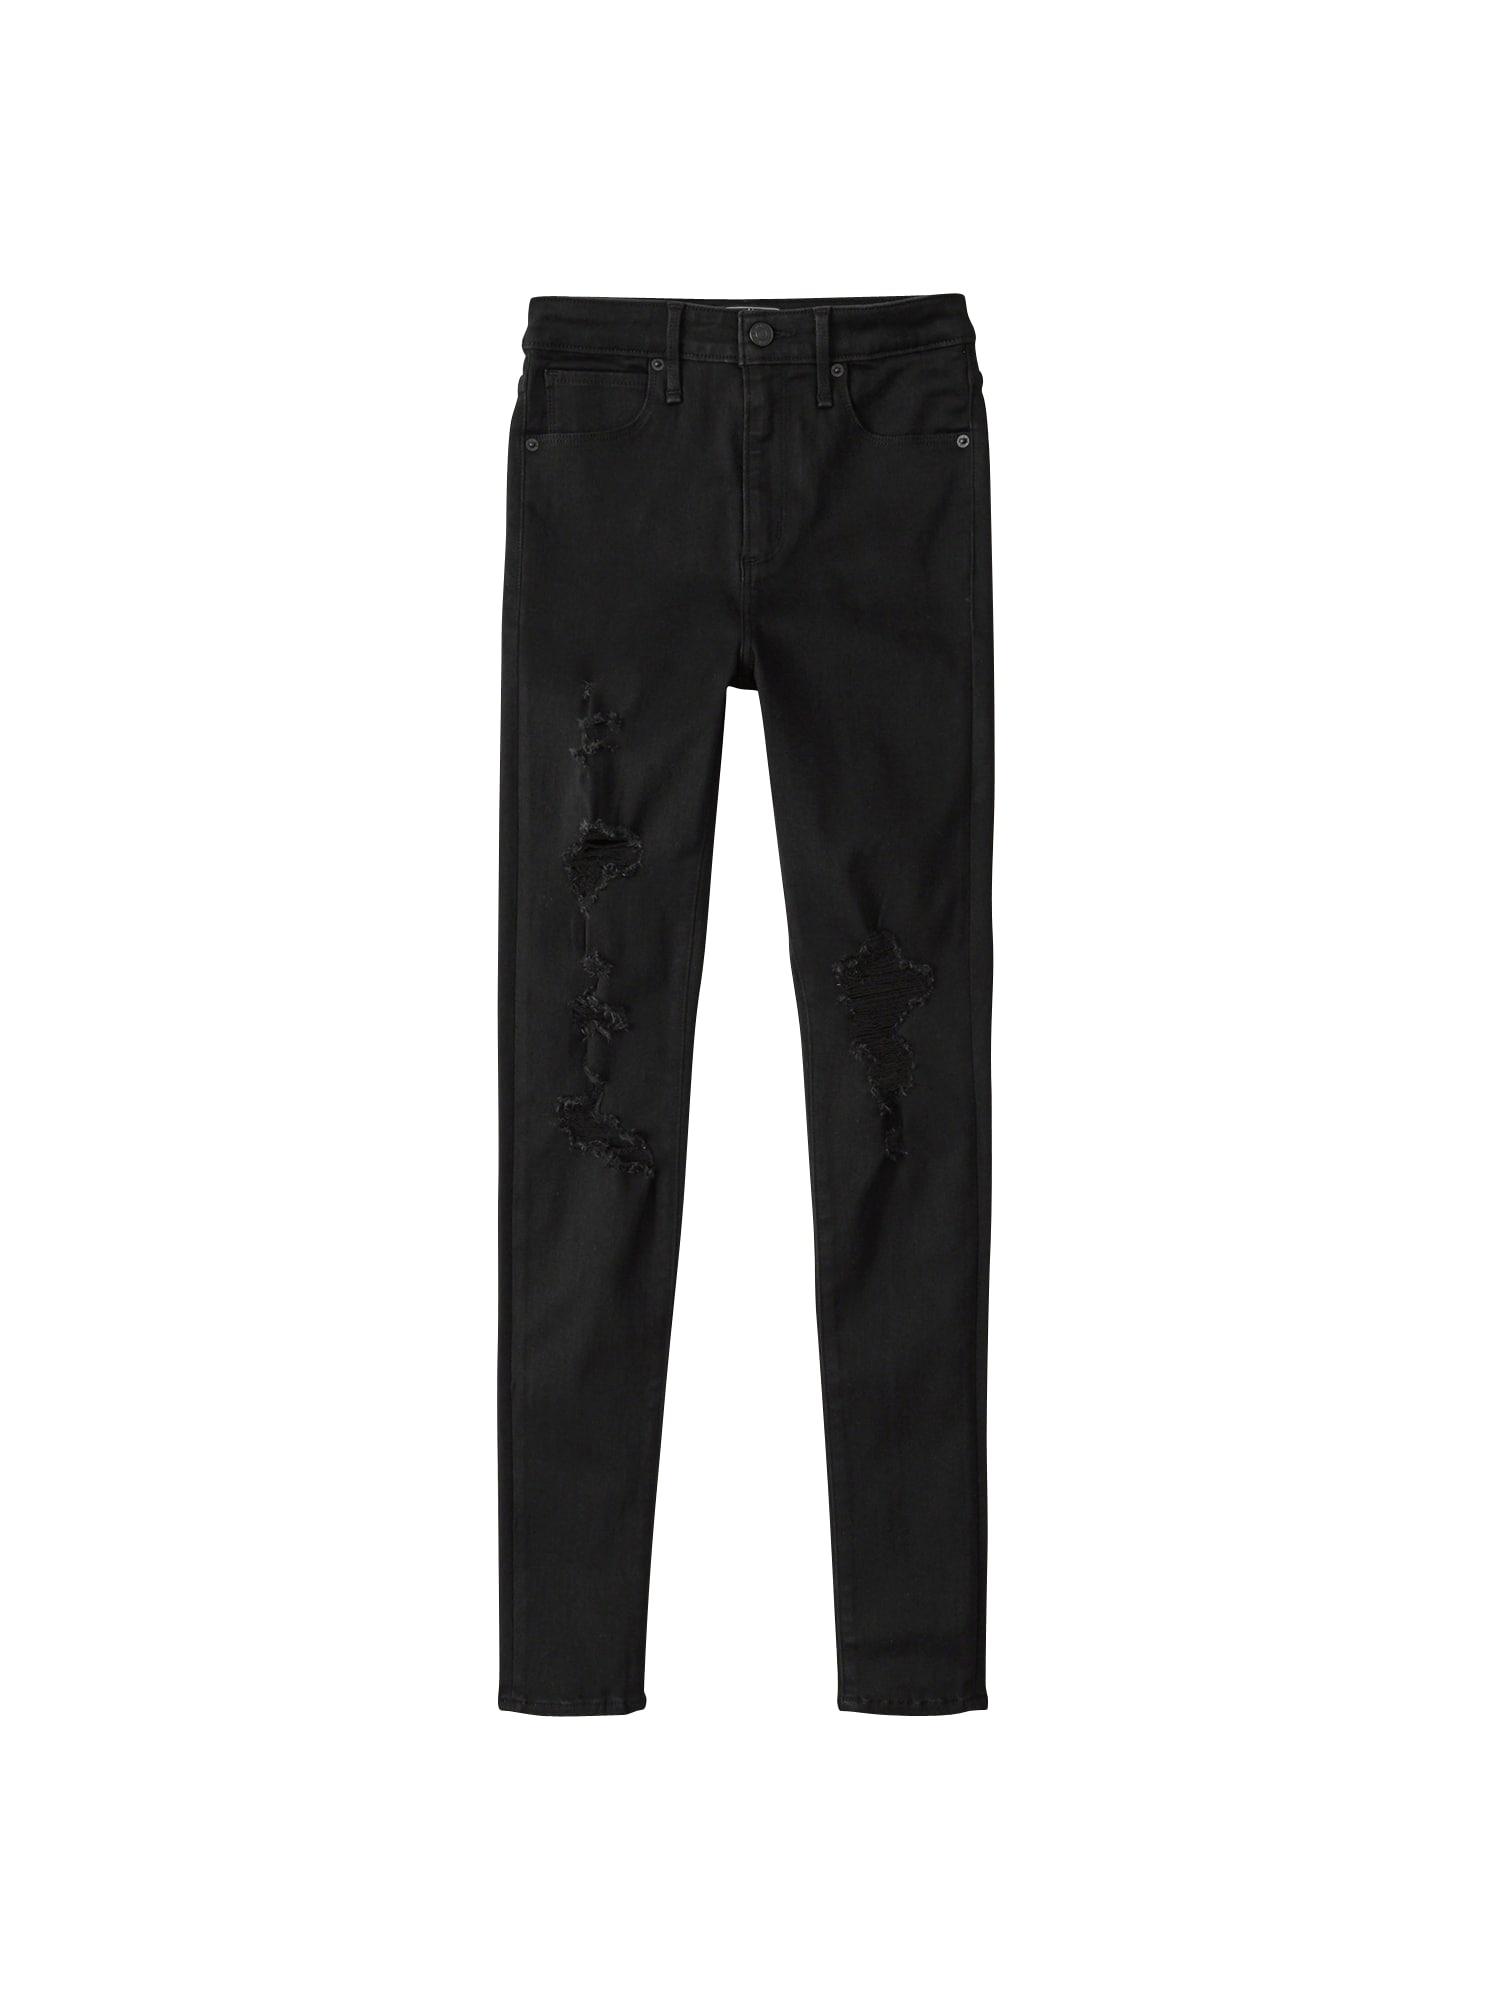 Džíny BTS17-BLACK SHRED SIMONE HRSS černá Abercrombie & Fitch